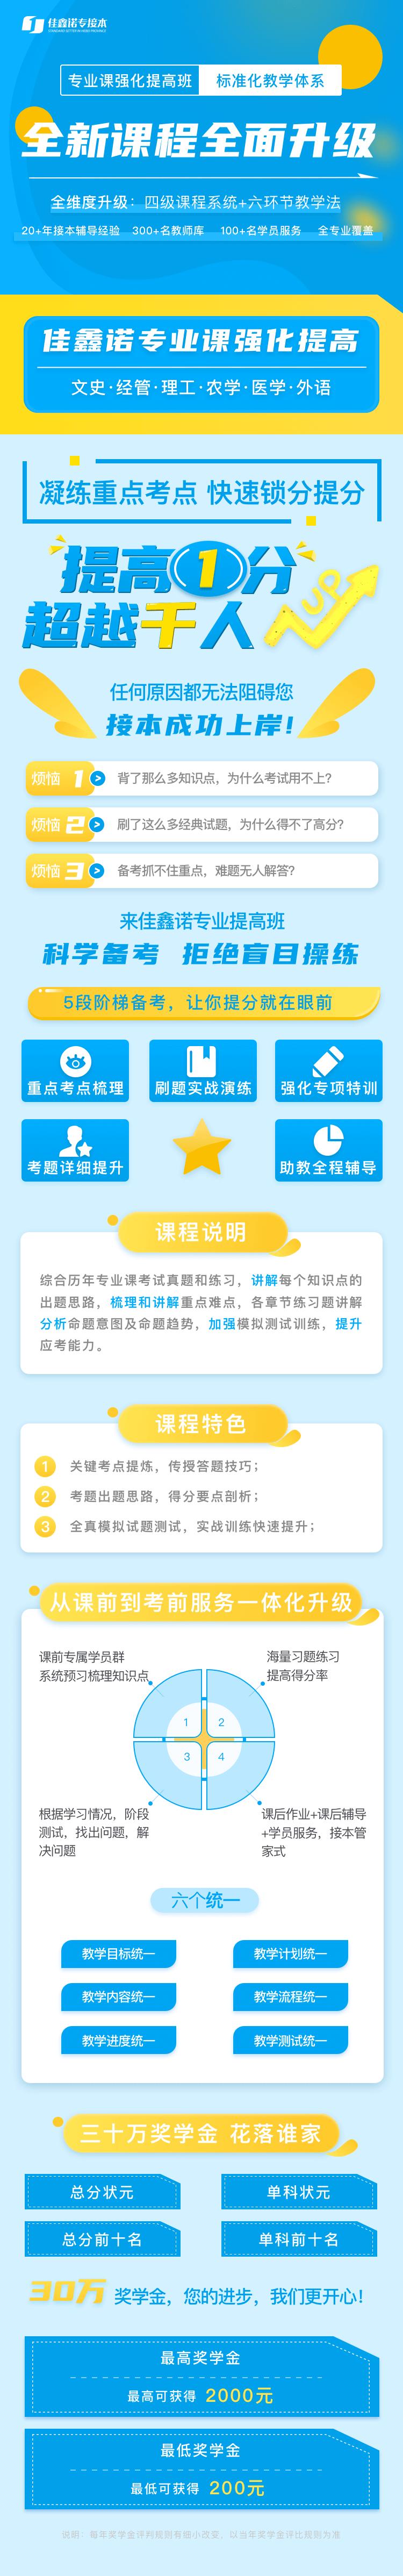 专业课强化提高班.png